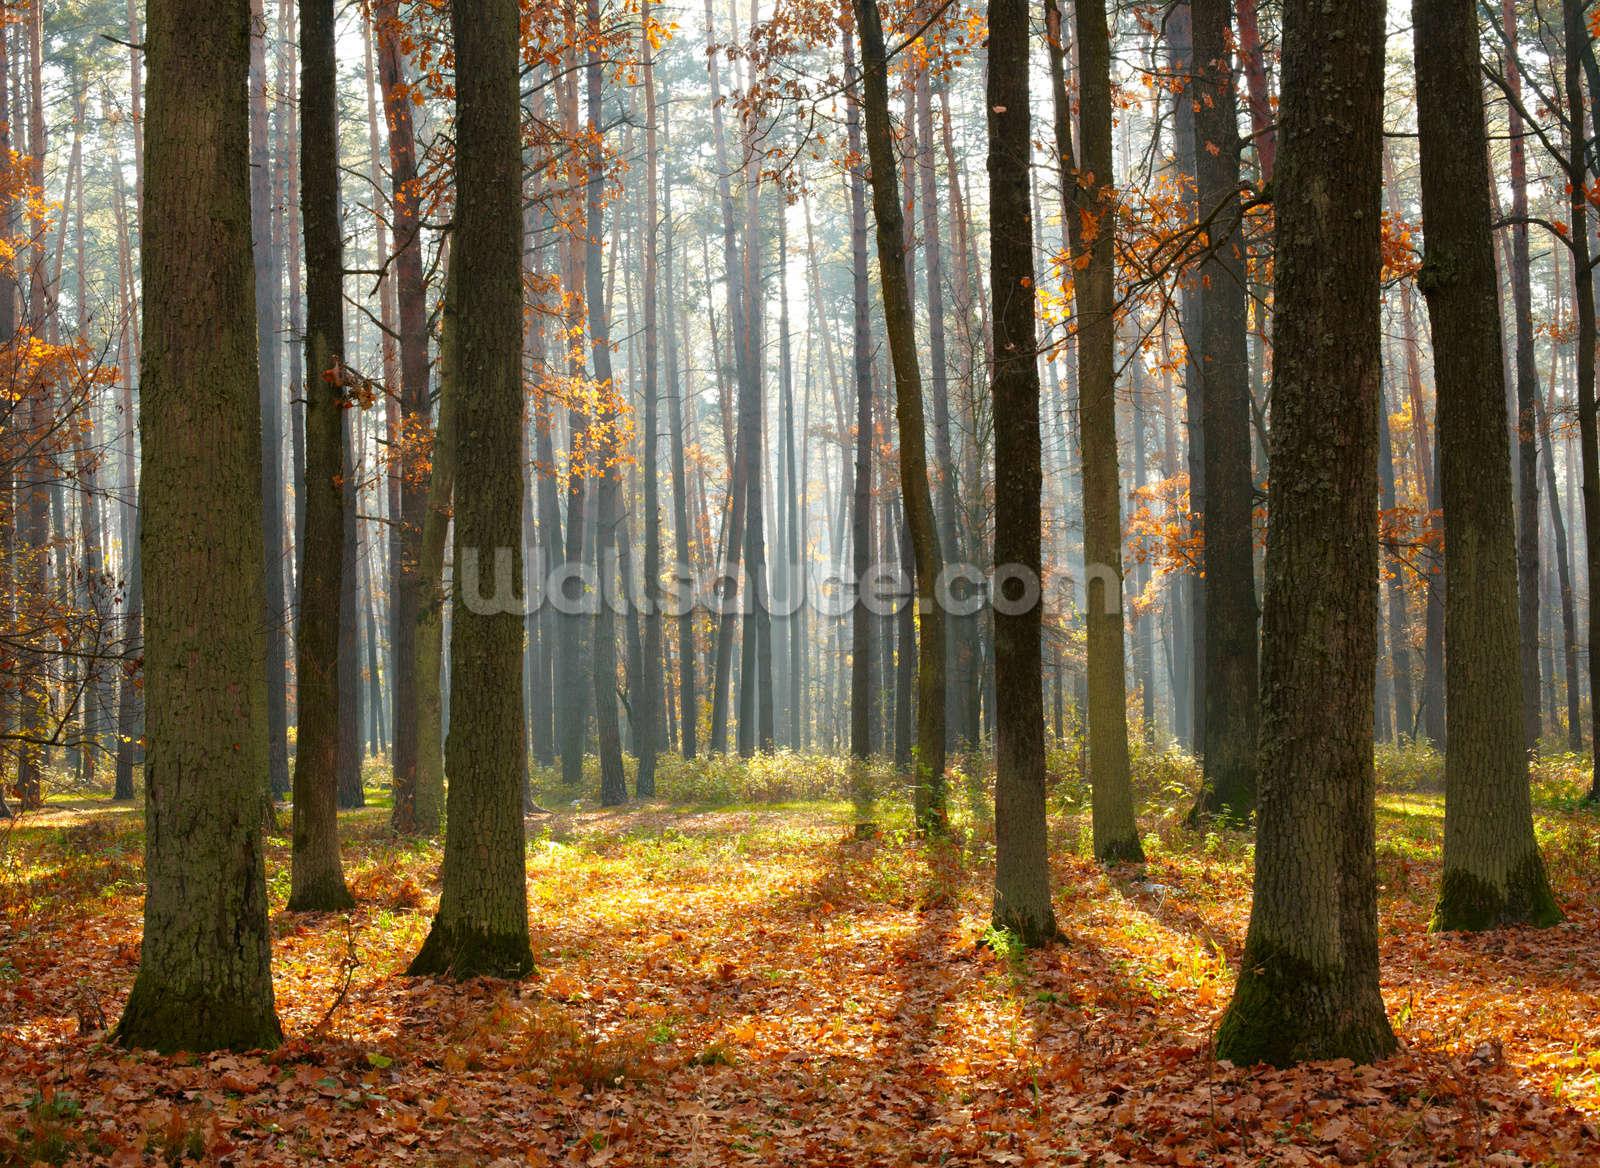 Autumn Forest Wall Mural Photo Wallpaper Part 24